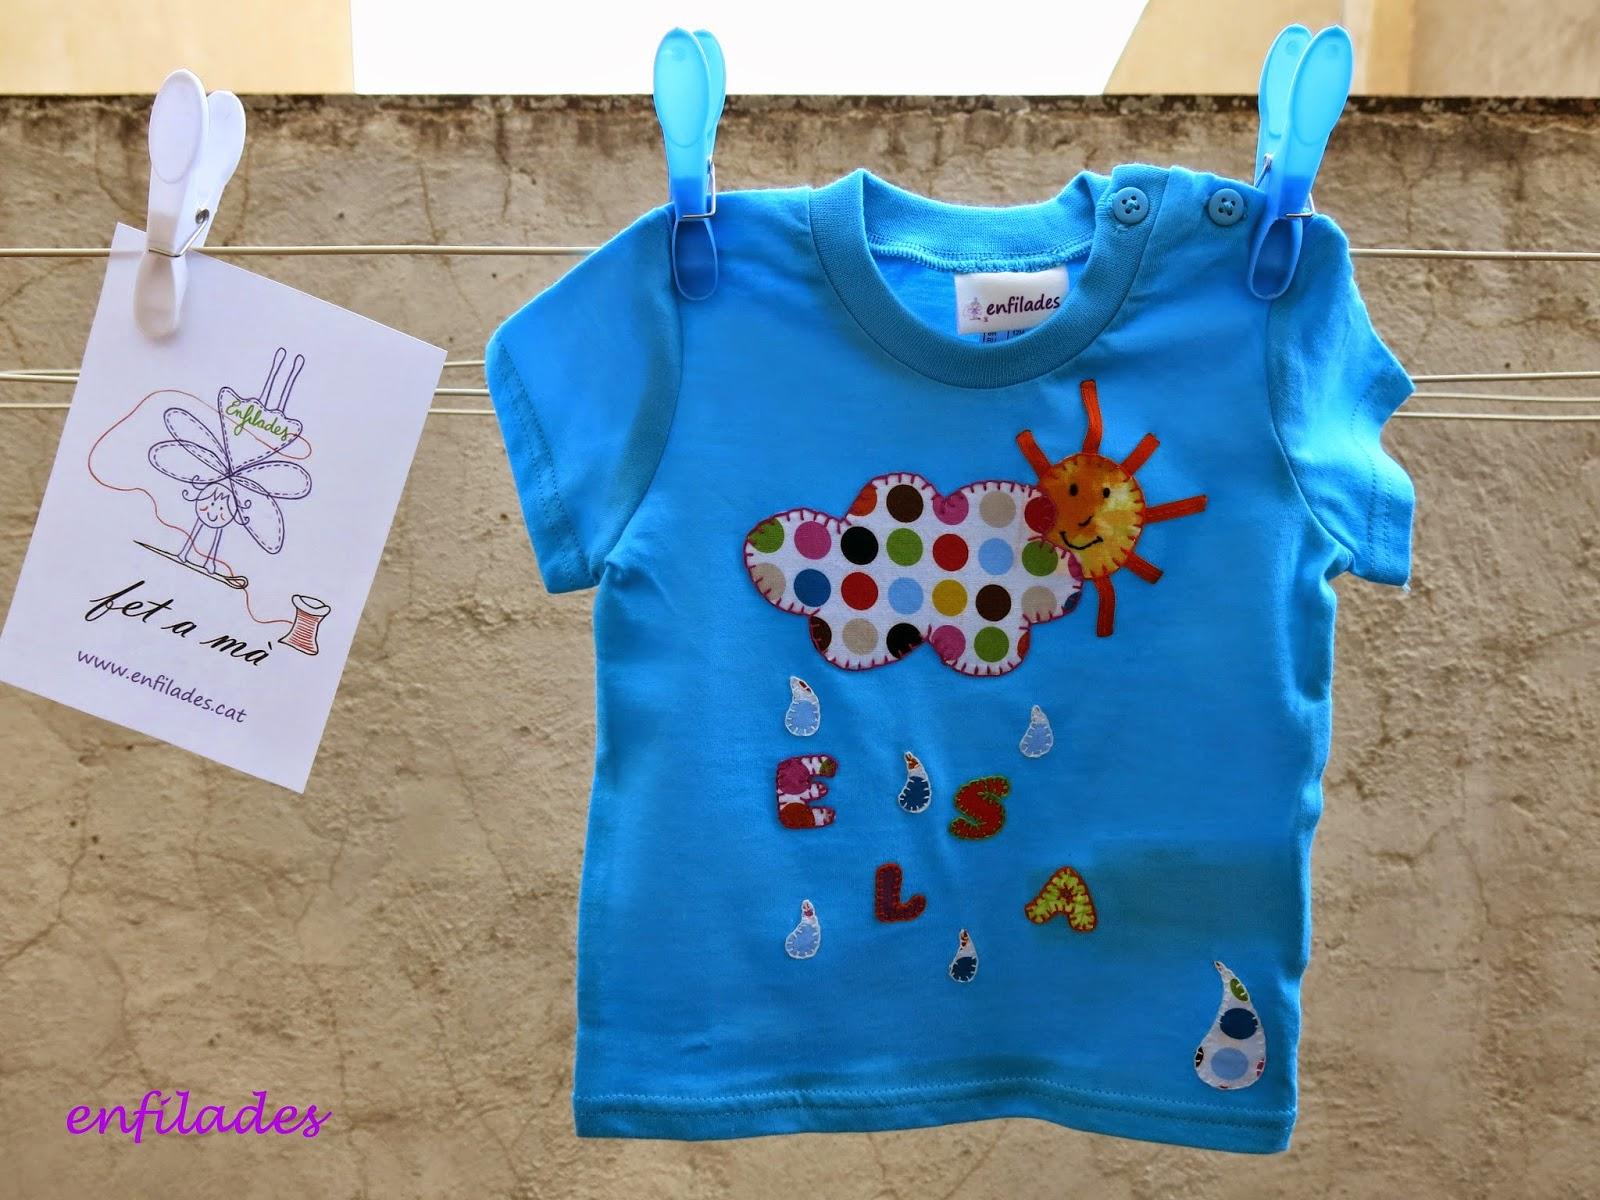 Samarreta Elsa - disseny Enfilades fet a mà